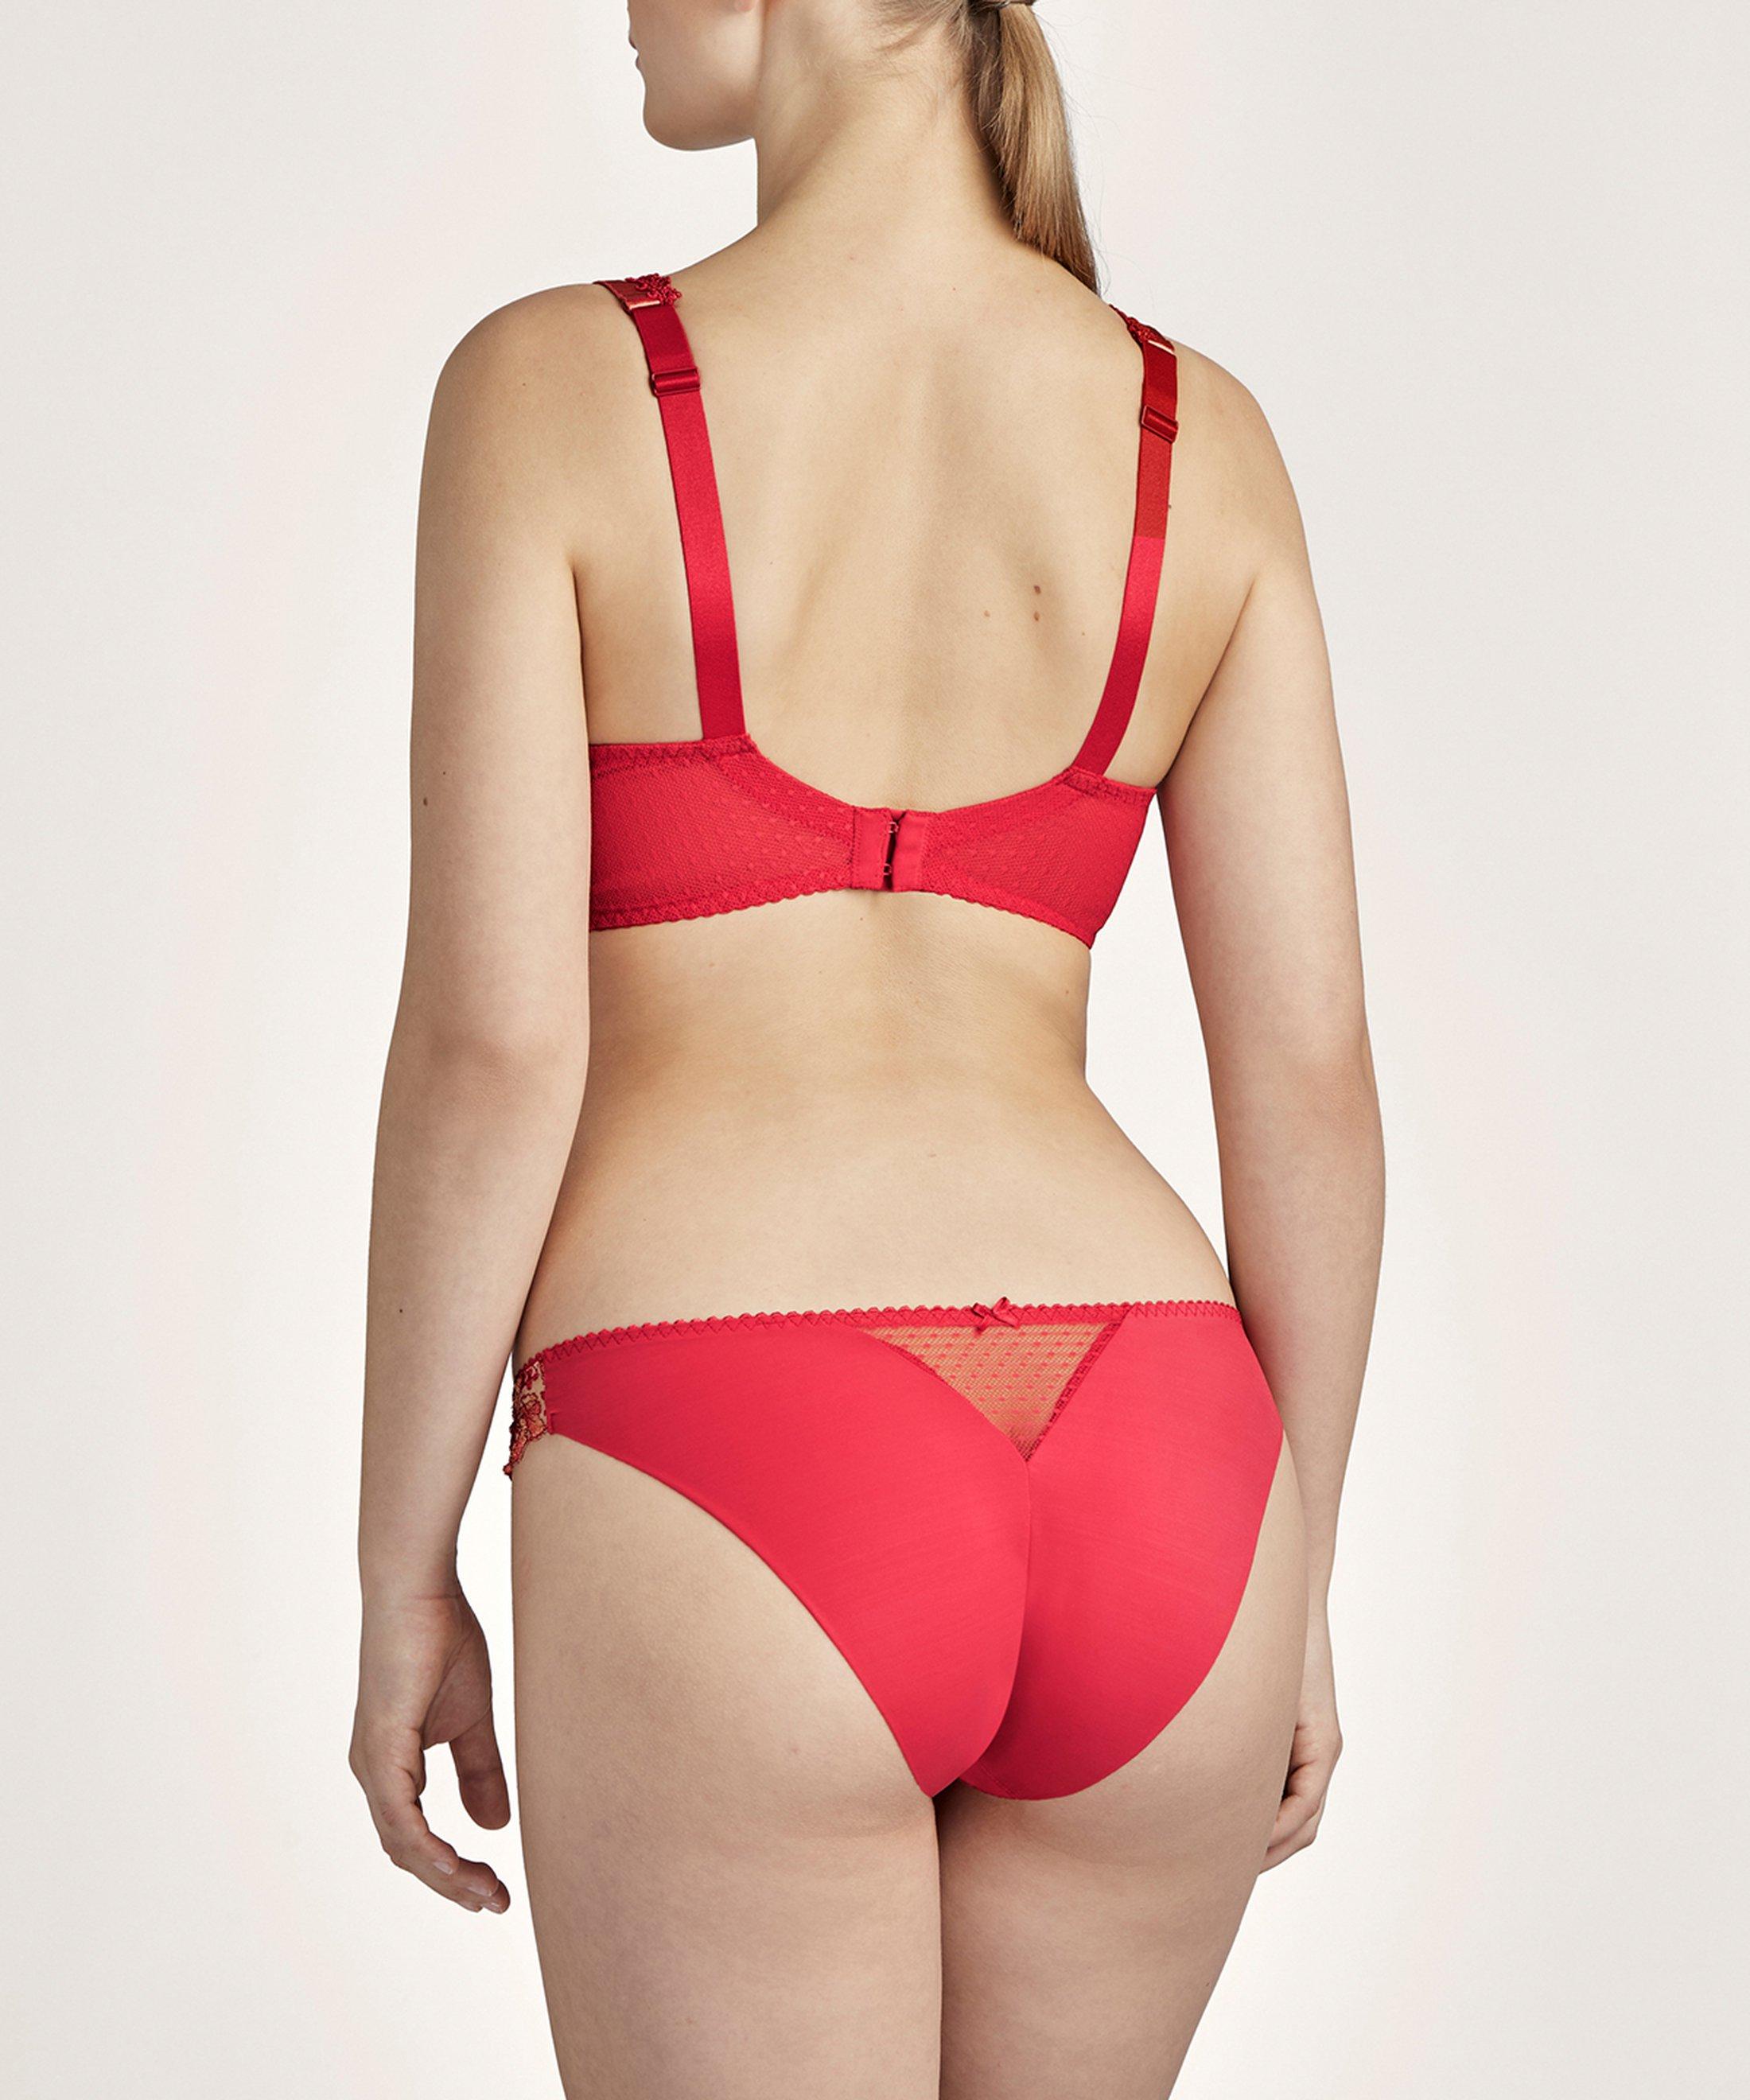 POÉTIQUE ESQUISSE Culotte Brésilienne Rouge Pigment | Aubade